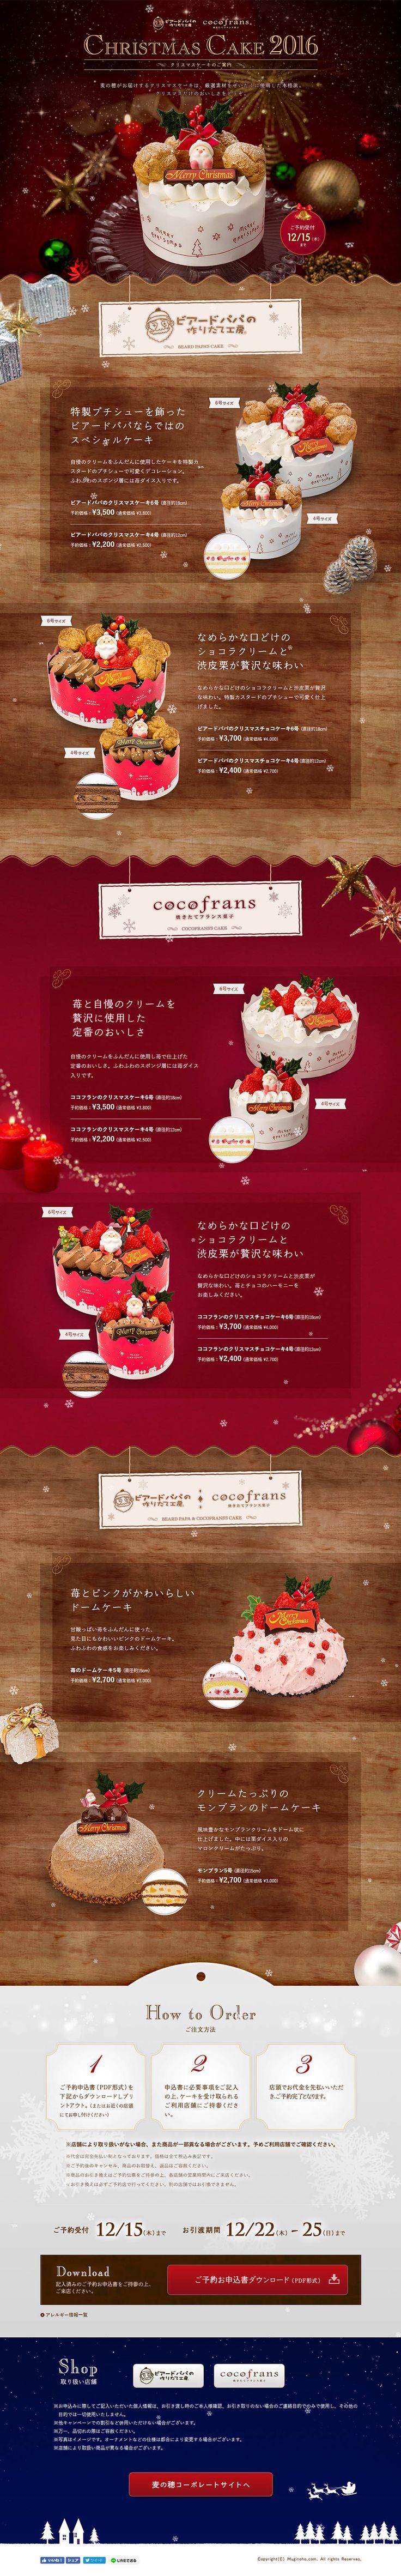 クリスマスケーキ2016【和菓子・洋菓子・スイーツ関連】のLPデザイン。WEBデザイナーさん必見!ランディングページのデザイン参考に(神秘系)